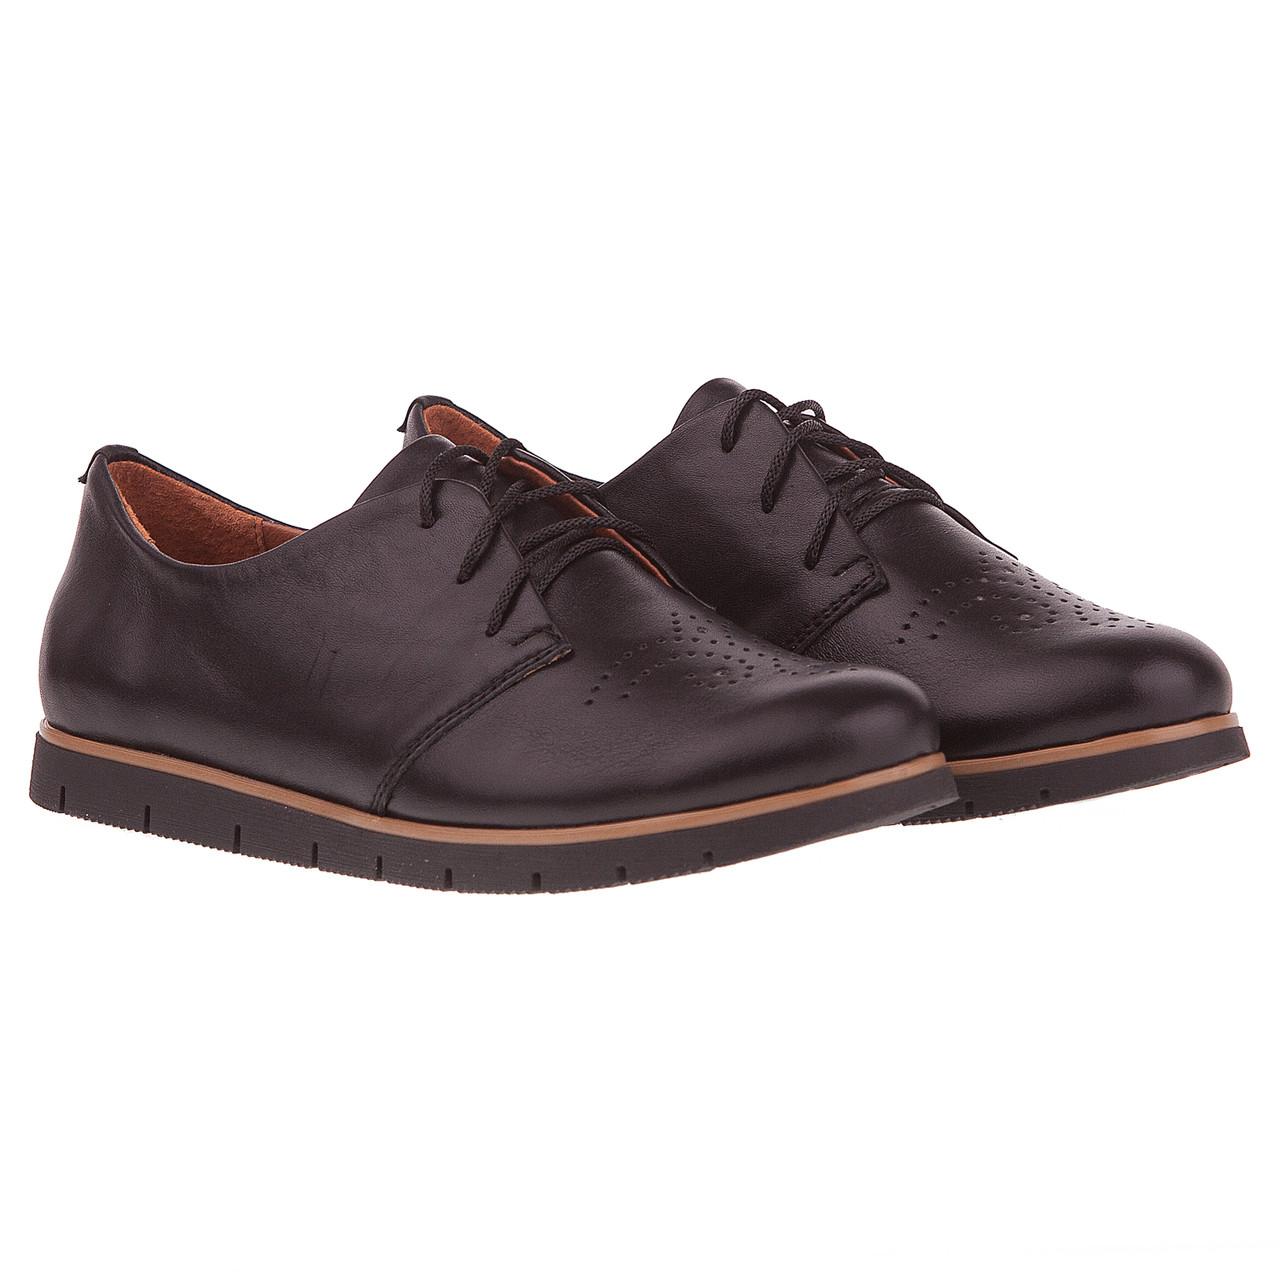 Туфли женские на шнурках Kento (стильные, комфортные, легкие, удобные,  черные, кожаные) 06dce3585a7